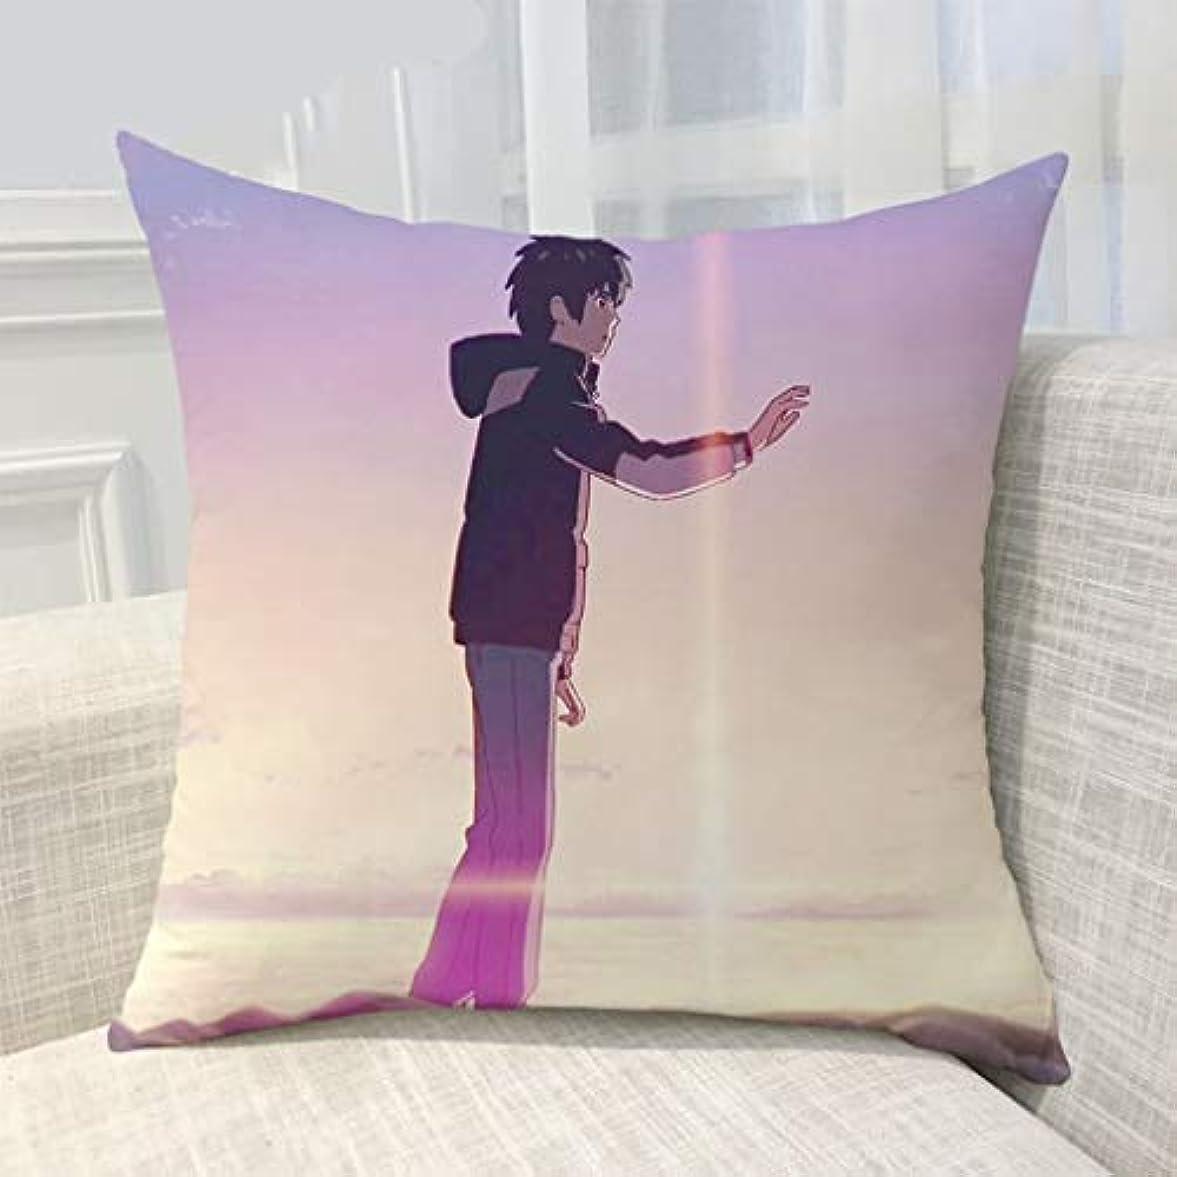 腹痛力学解任LIUXIN スクエアクッション漫画アニメあなたの名前の枕装飾ソファクッションマルチカラーマルチサイズオプション ソファ枕 (Color : E, Size : 45x45cm)